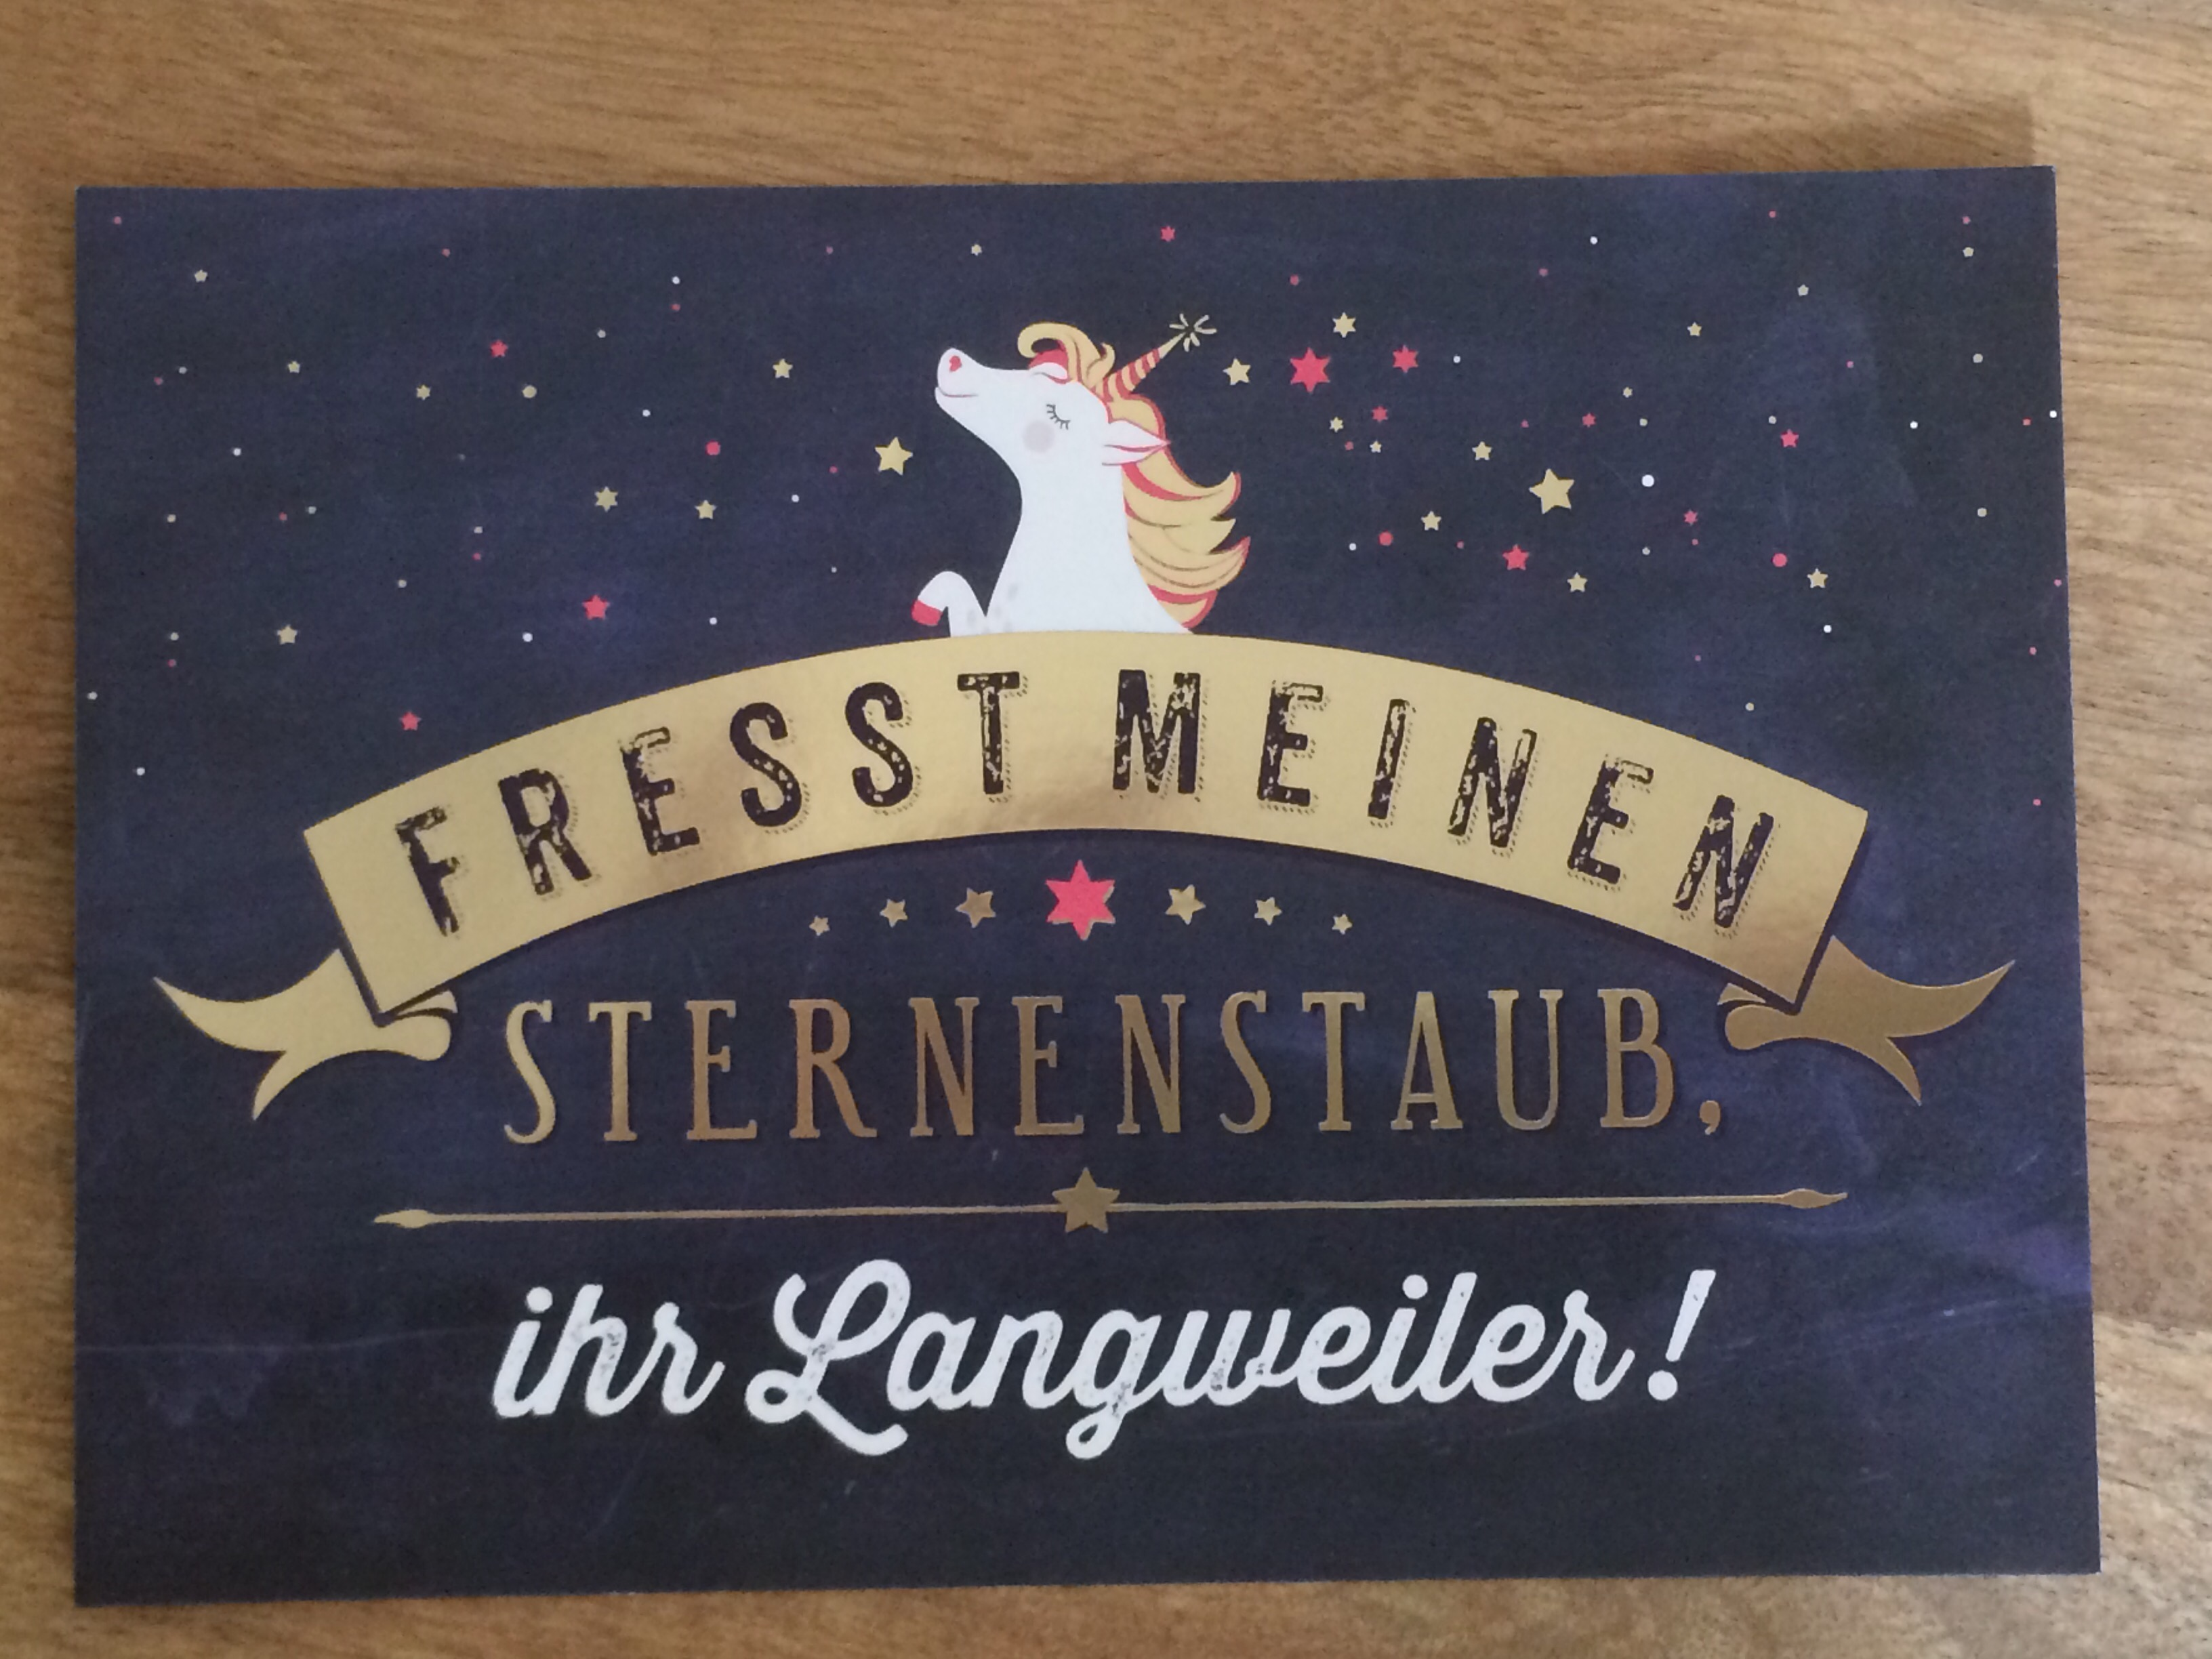 Postkarte Fresst meinen Sternenstaub ihr Langweiler Vintage Art